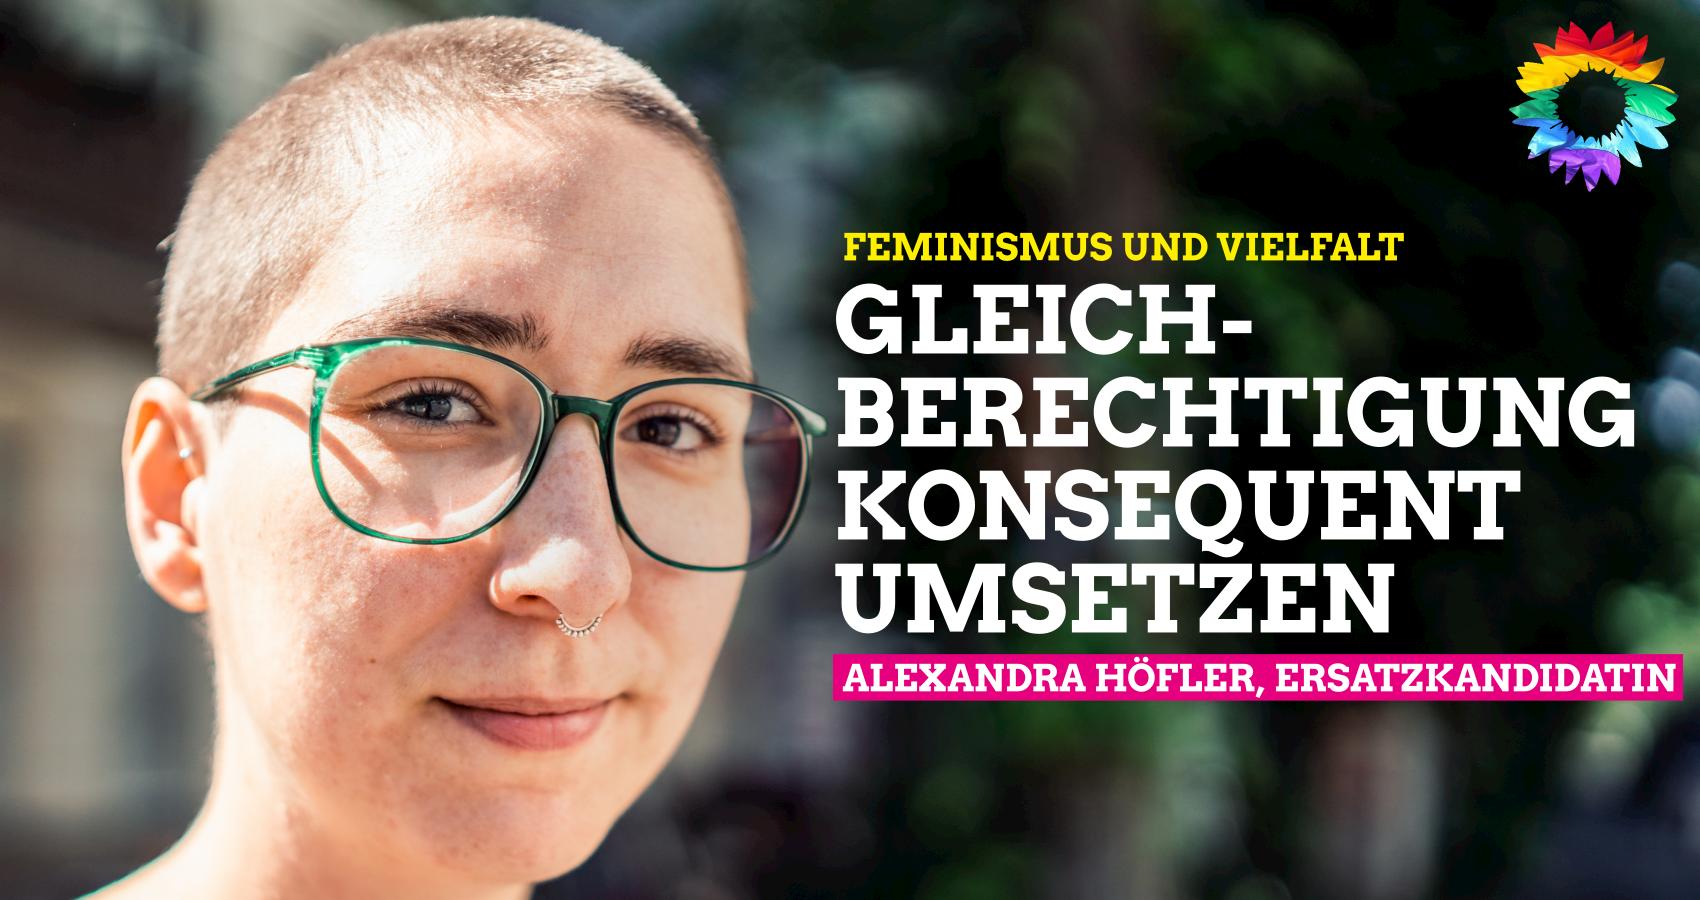 Feminismus und Vielfalt: Gleichberechtigung konsequent umsetzen